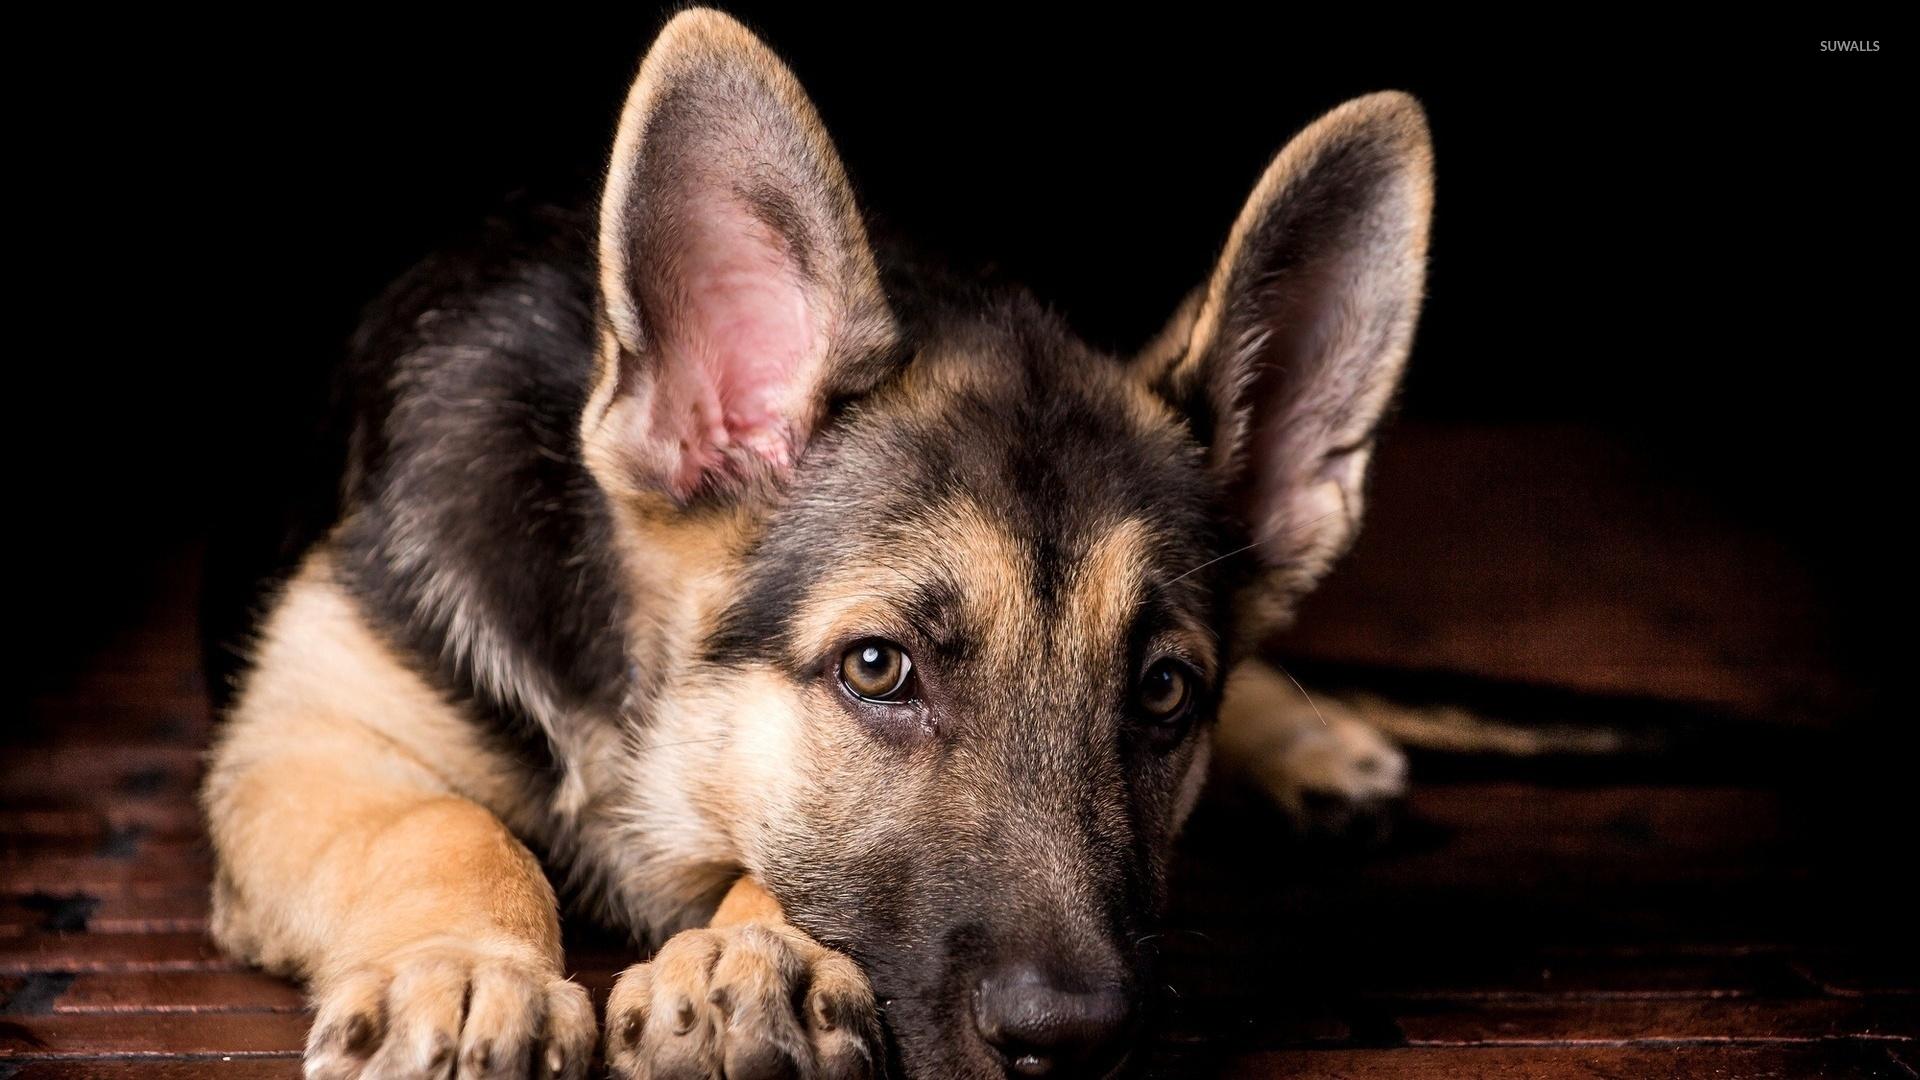 animals german shepherd desktop - photo #25